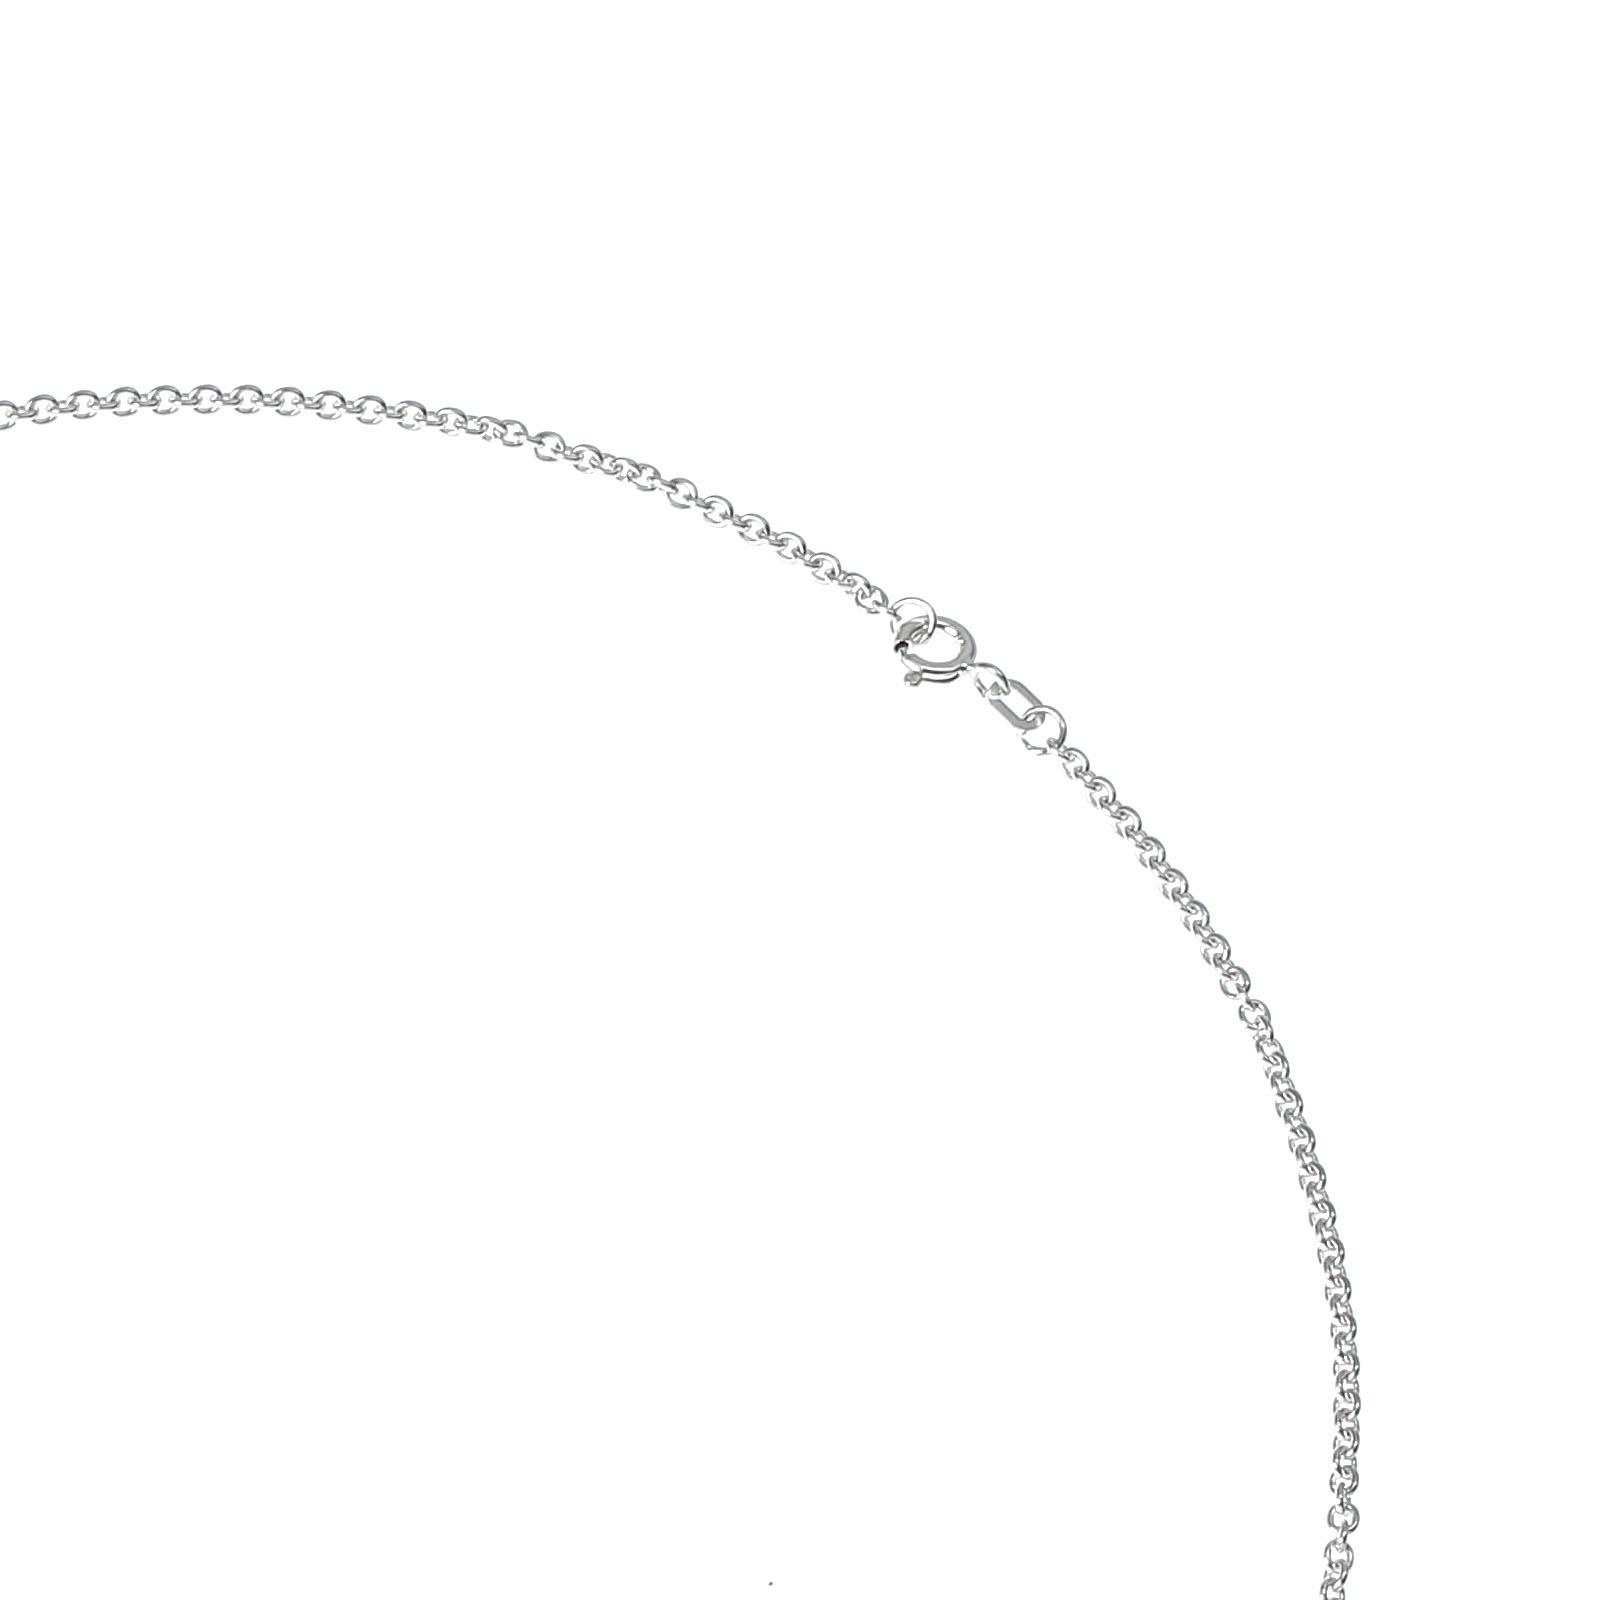 Halskette-echt-Silber-925-Sterling-mit-Anhaenger-Herz-Schluessel-70-cm-Zirkonia Indexbild 3